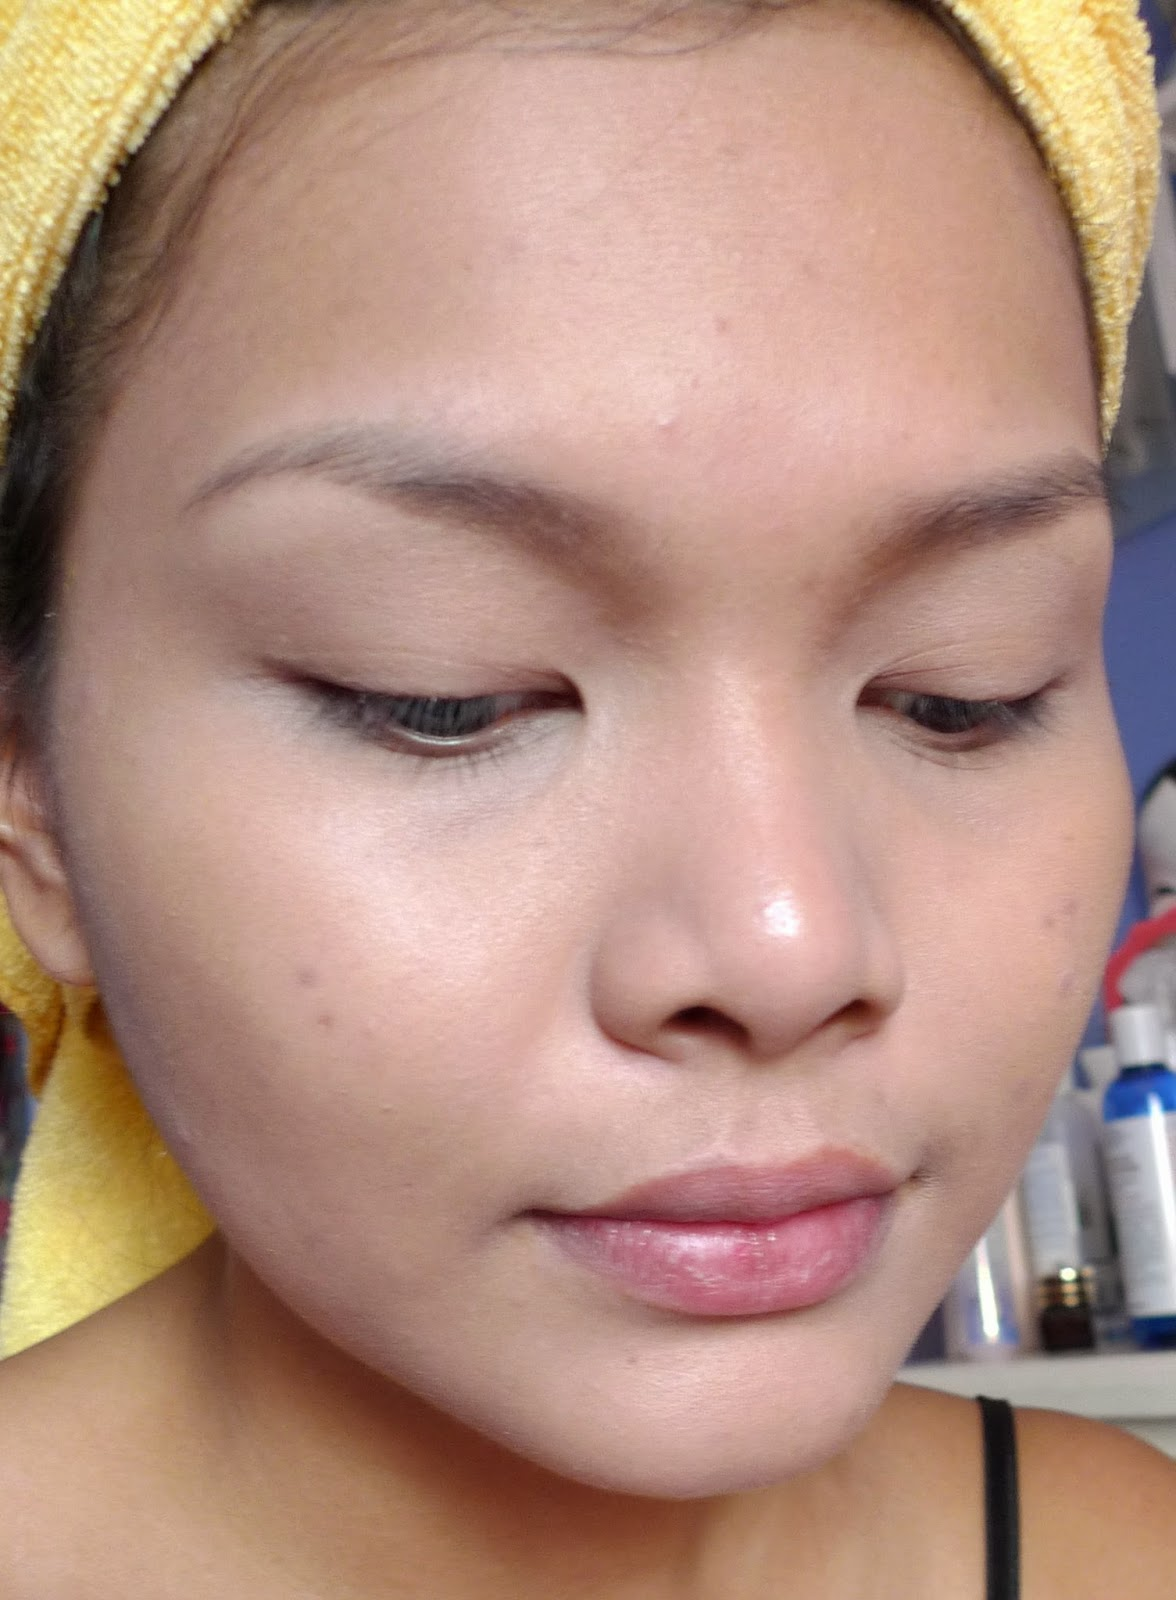 Flawless White Skin Skin Tone And The White